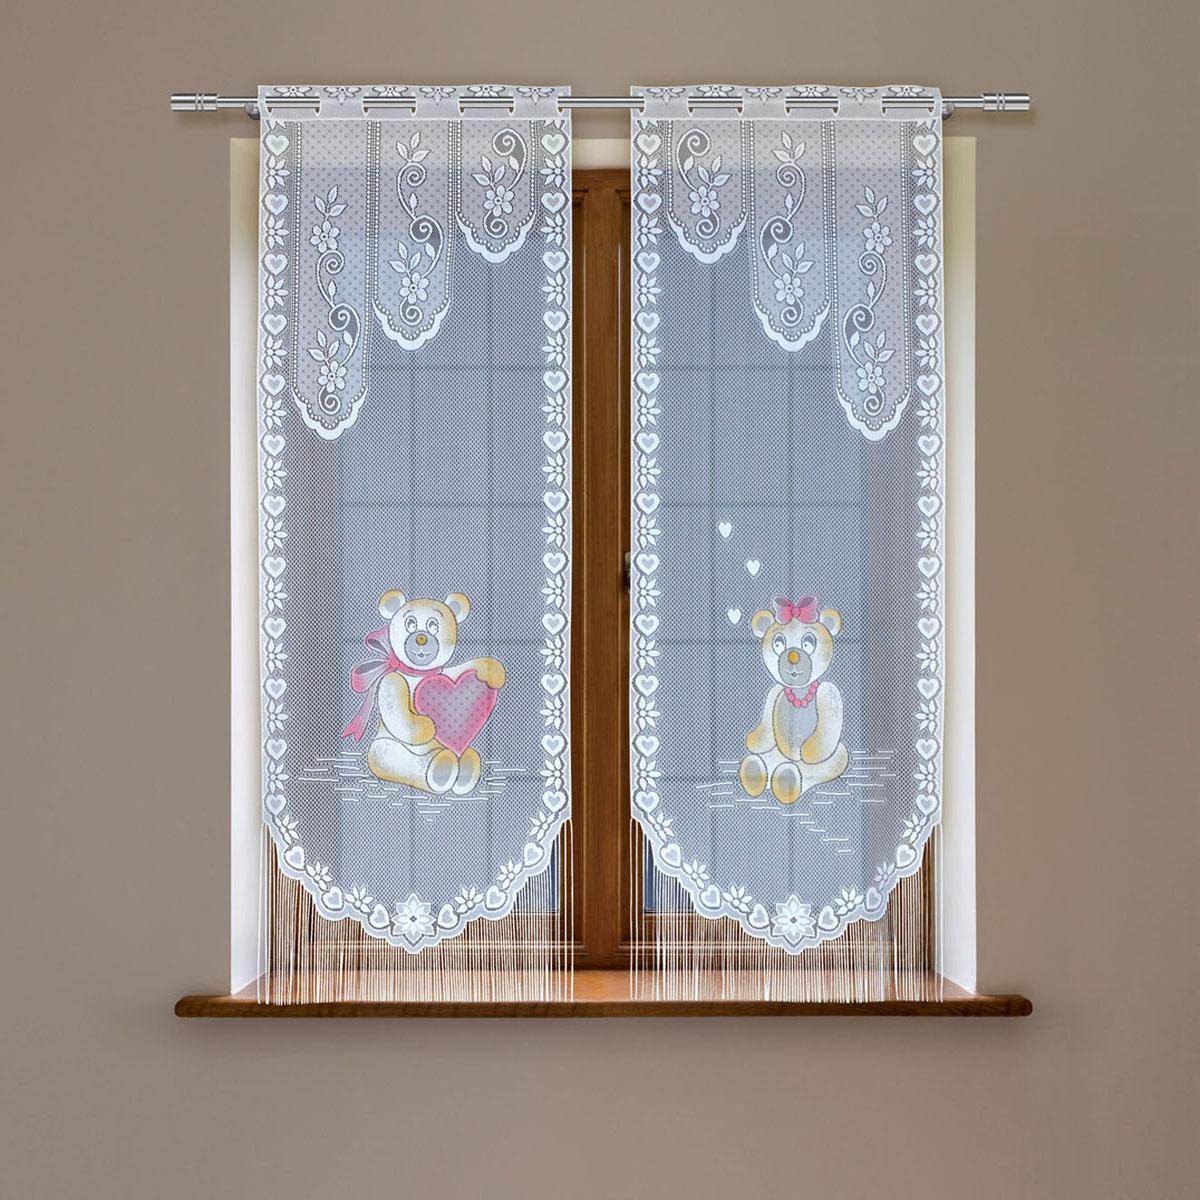 Гардина Haft, цвет: белый, высота 220 см. 8148Е/608148Е/60Гардина имеет в верхней части полотна прорези, через которые гардина-витраж вывешивается на карниз или можно крепить на зажим для штор,котрый в комплект не входит.Комплект состоит из двух полотен (выс.220* шир.60) Размеры: (высота 220* ширина 60)*2